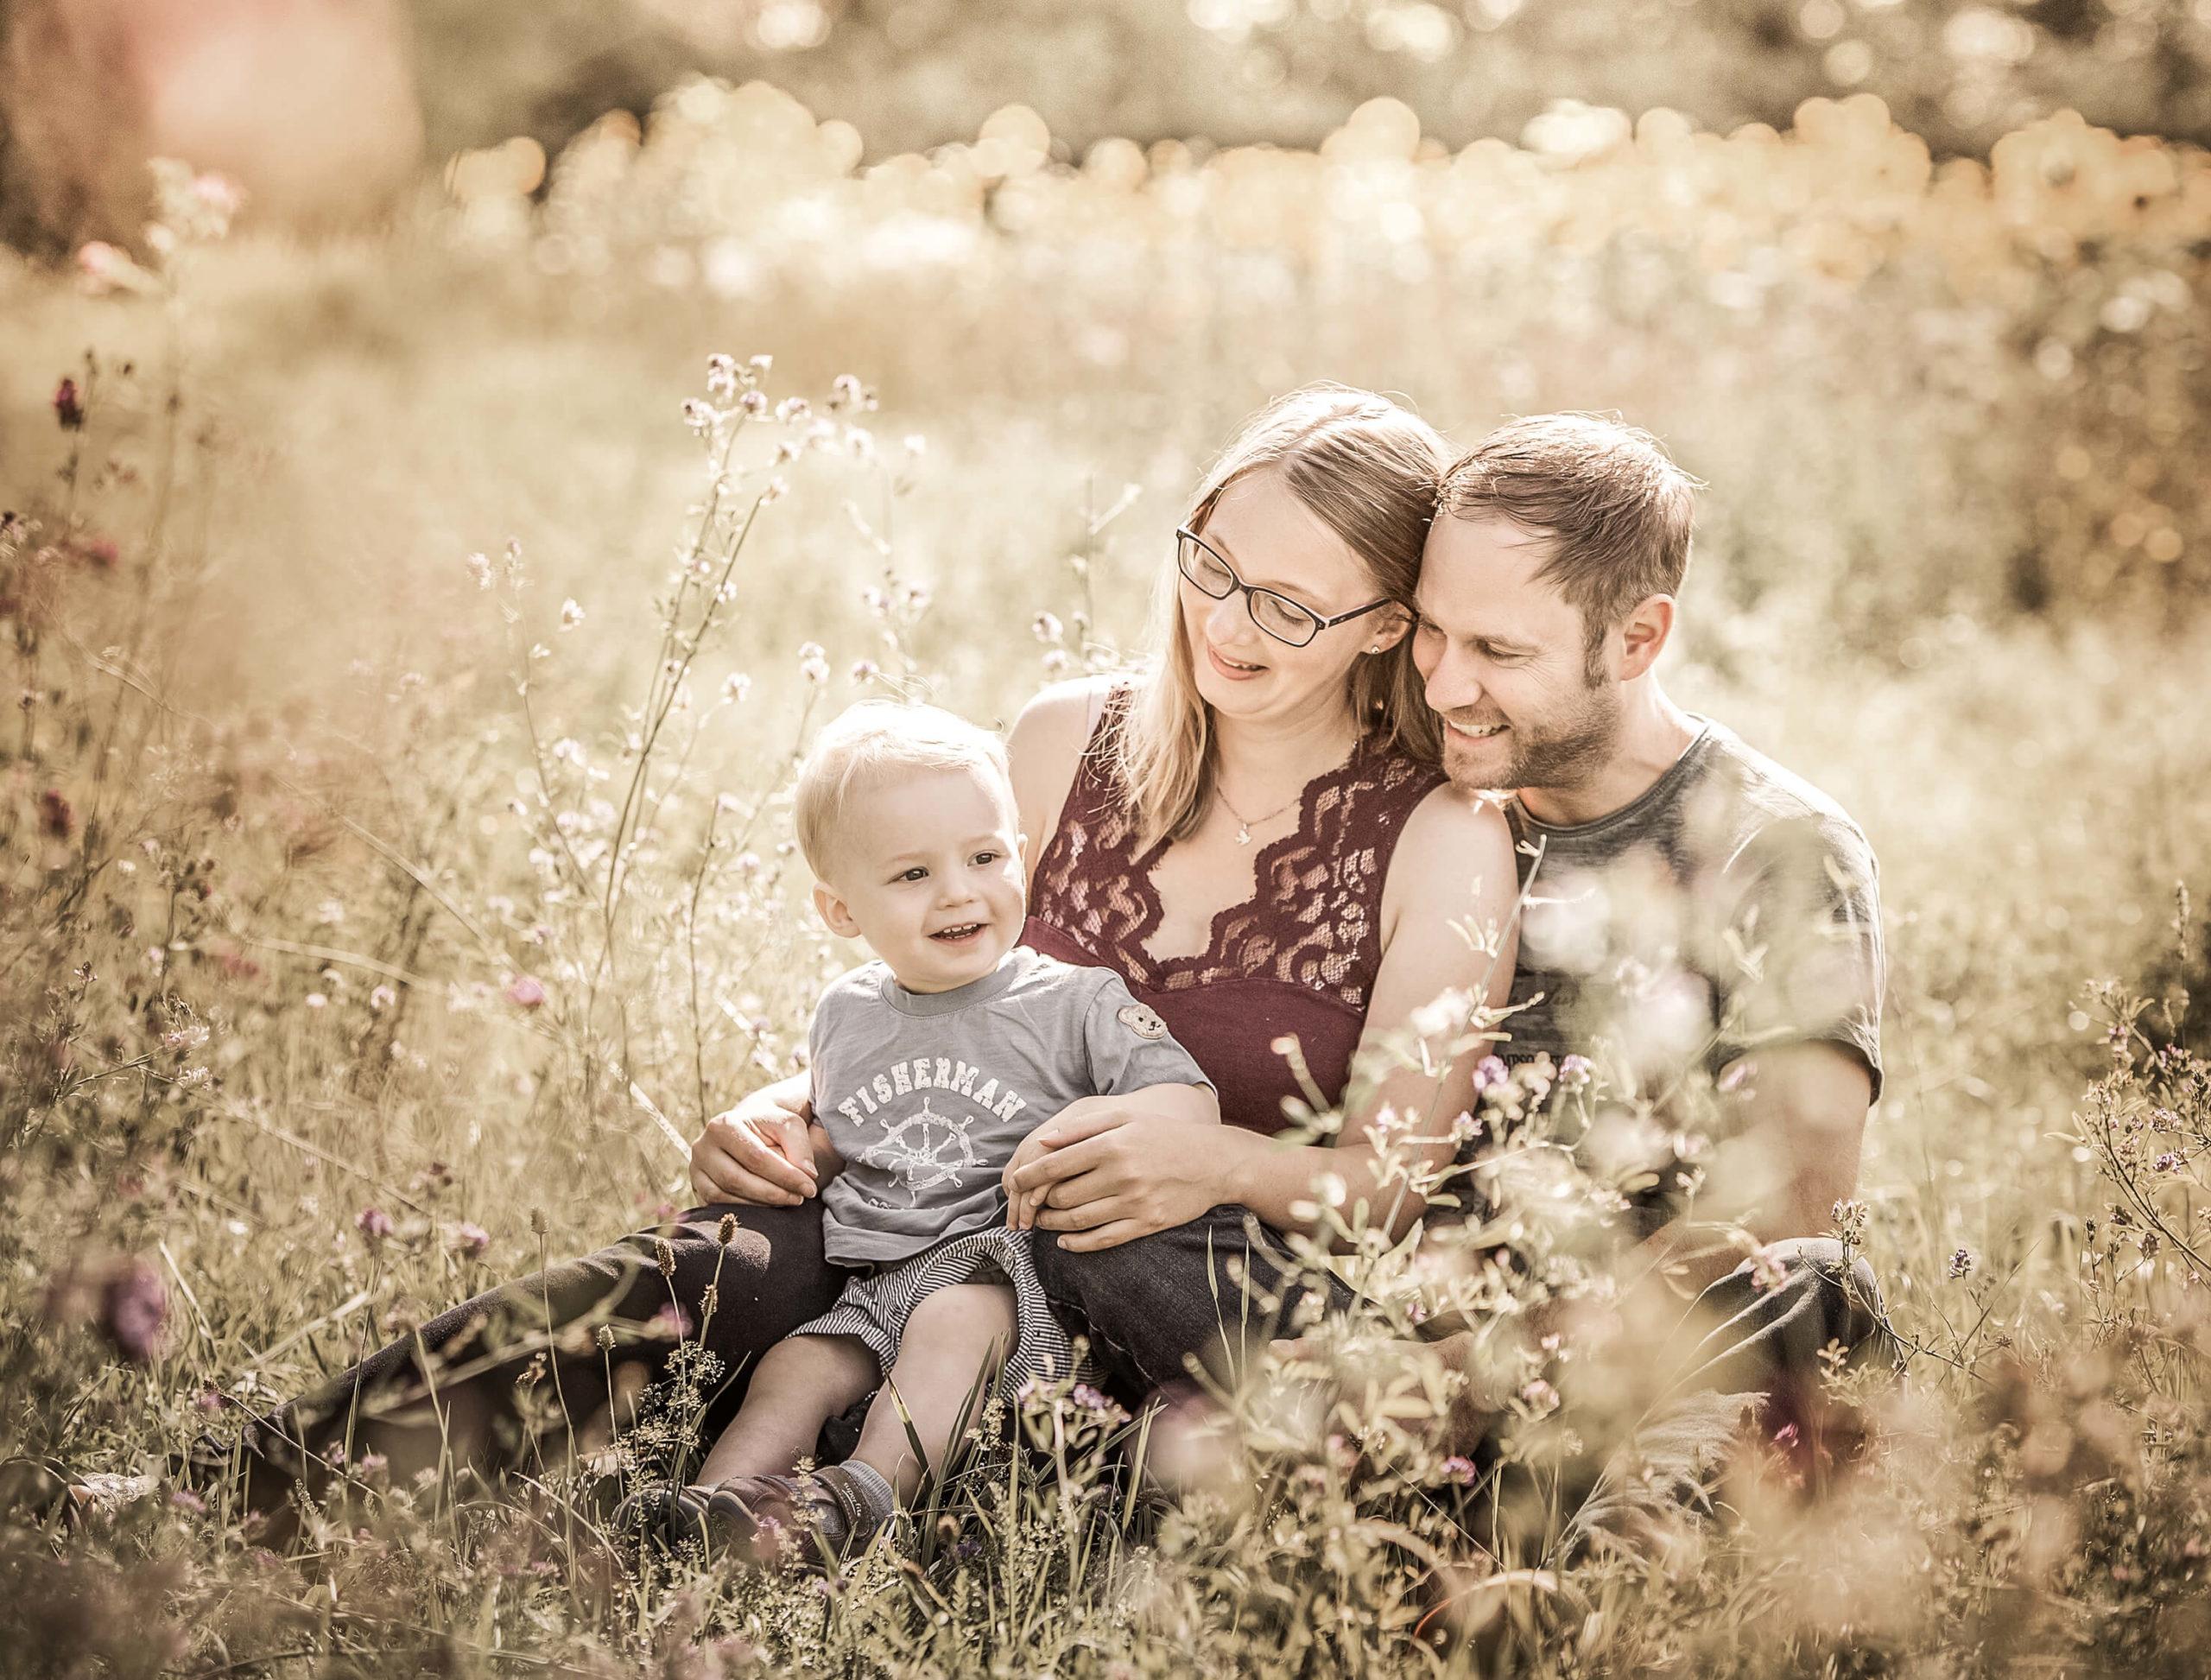 Familie, Fotostudio,kuscheln